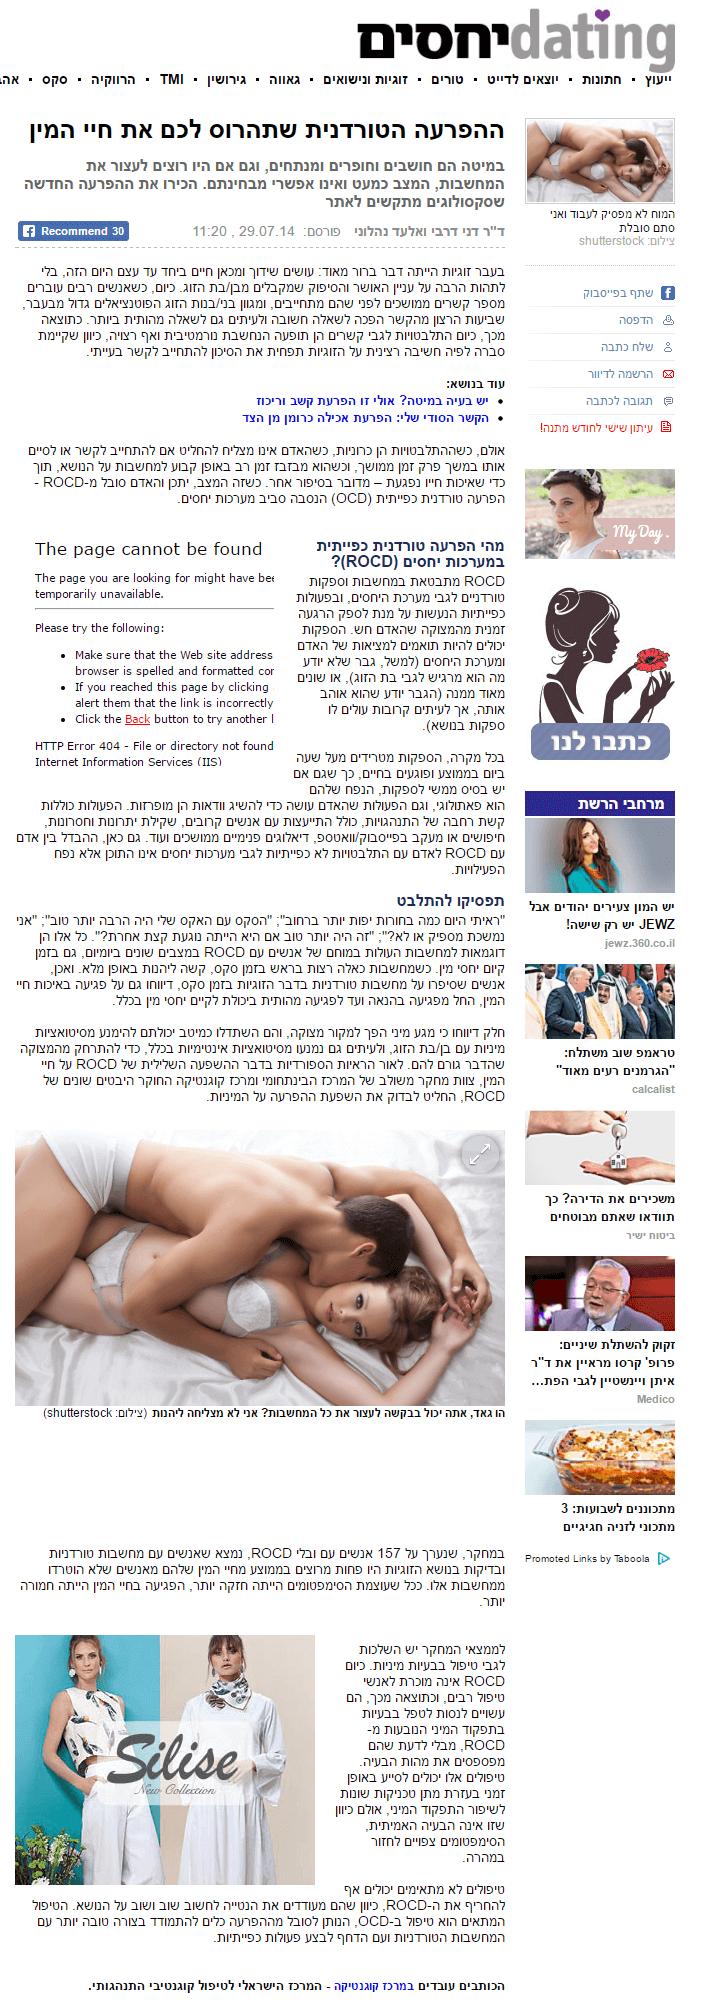 ההפרעה הטורדנית שתהרוס לכם את חיי המין- ynet יחסים